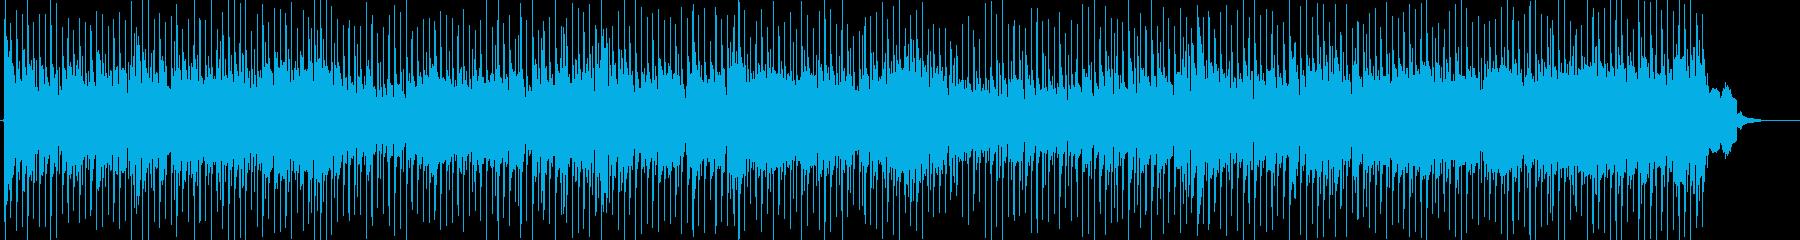 キラキラ爽やかで切ない冬のアイドルポップの再生済みの波形